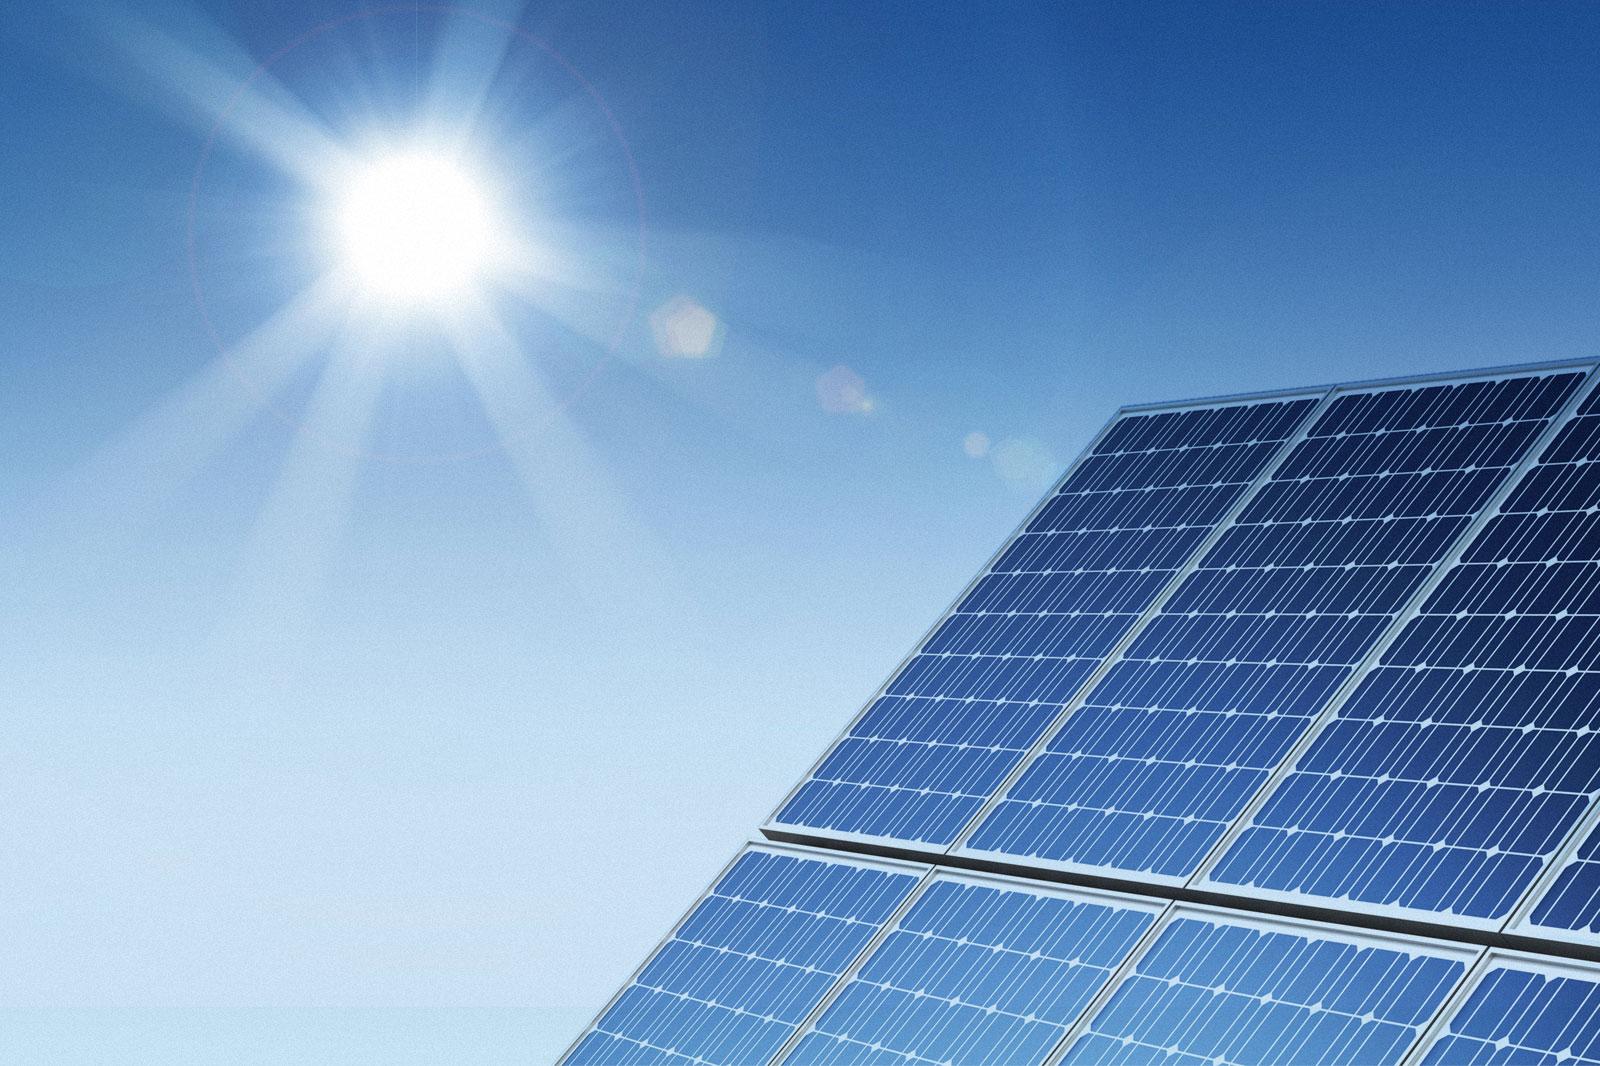 ankusol gmbh neue energien f r eine sonnige zukunft solarenergie photovoltaik errichtung. Black Bedroom Furniture Sets. Home Design Ideas